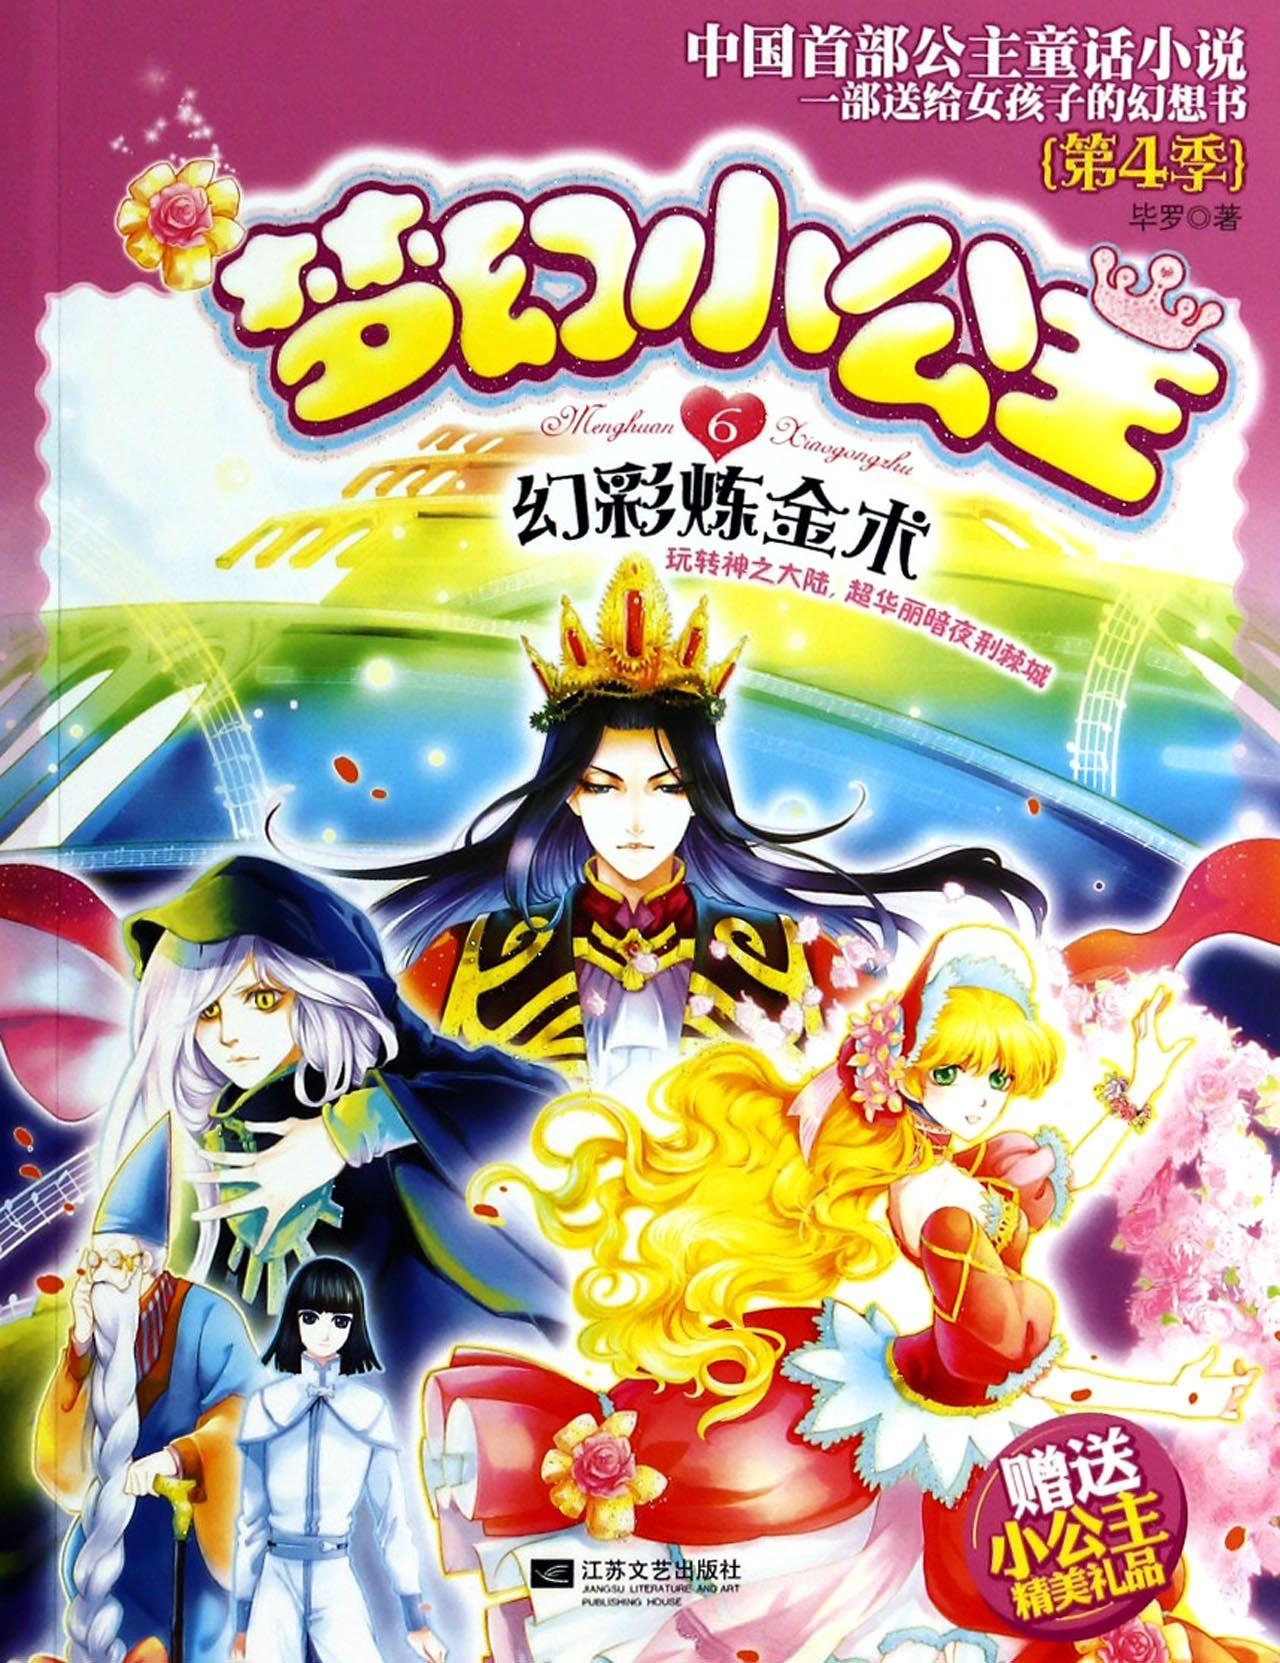 梦幻小公主(6幻彩炼金术)